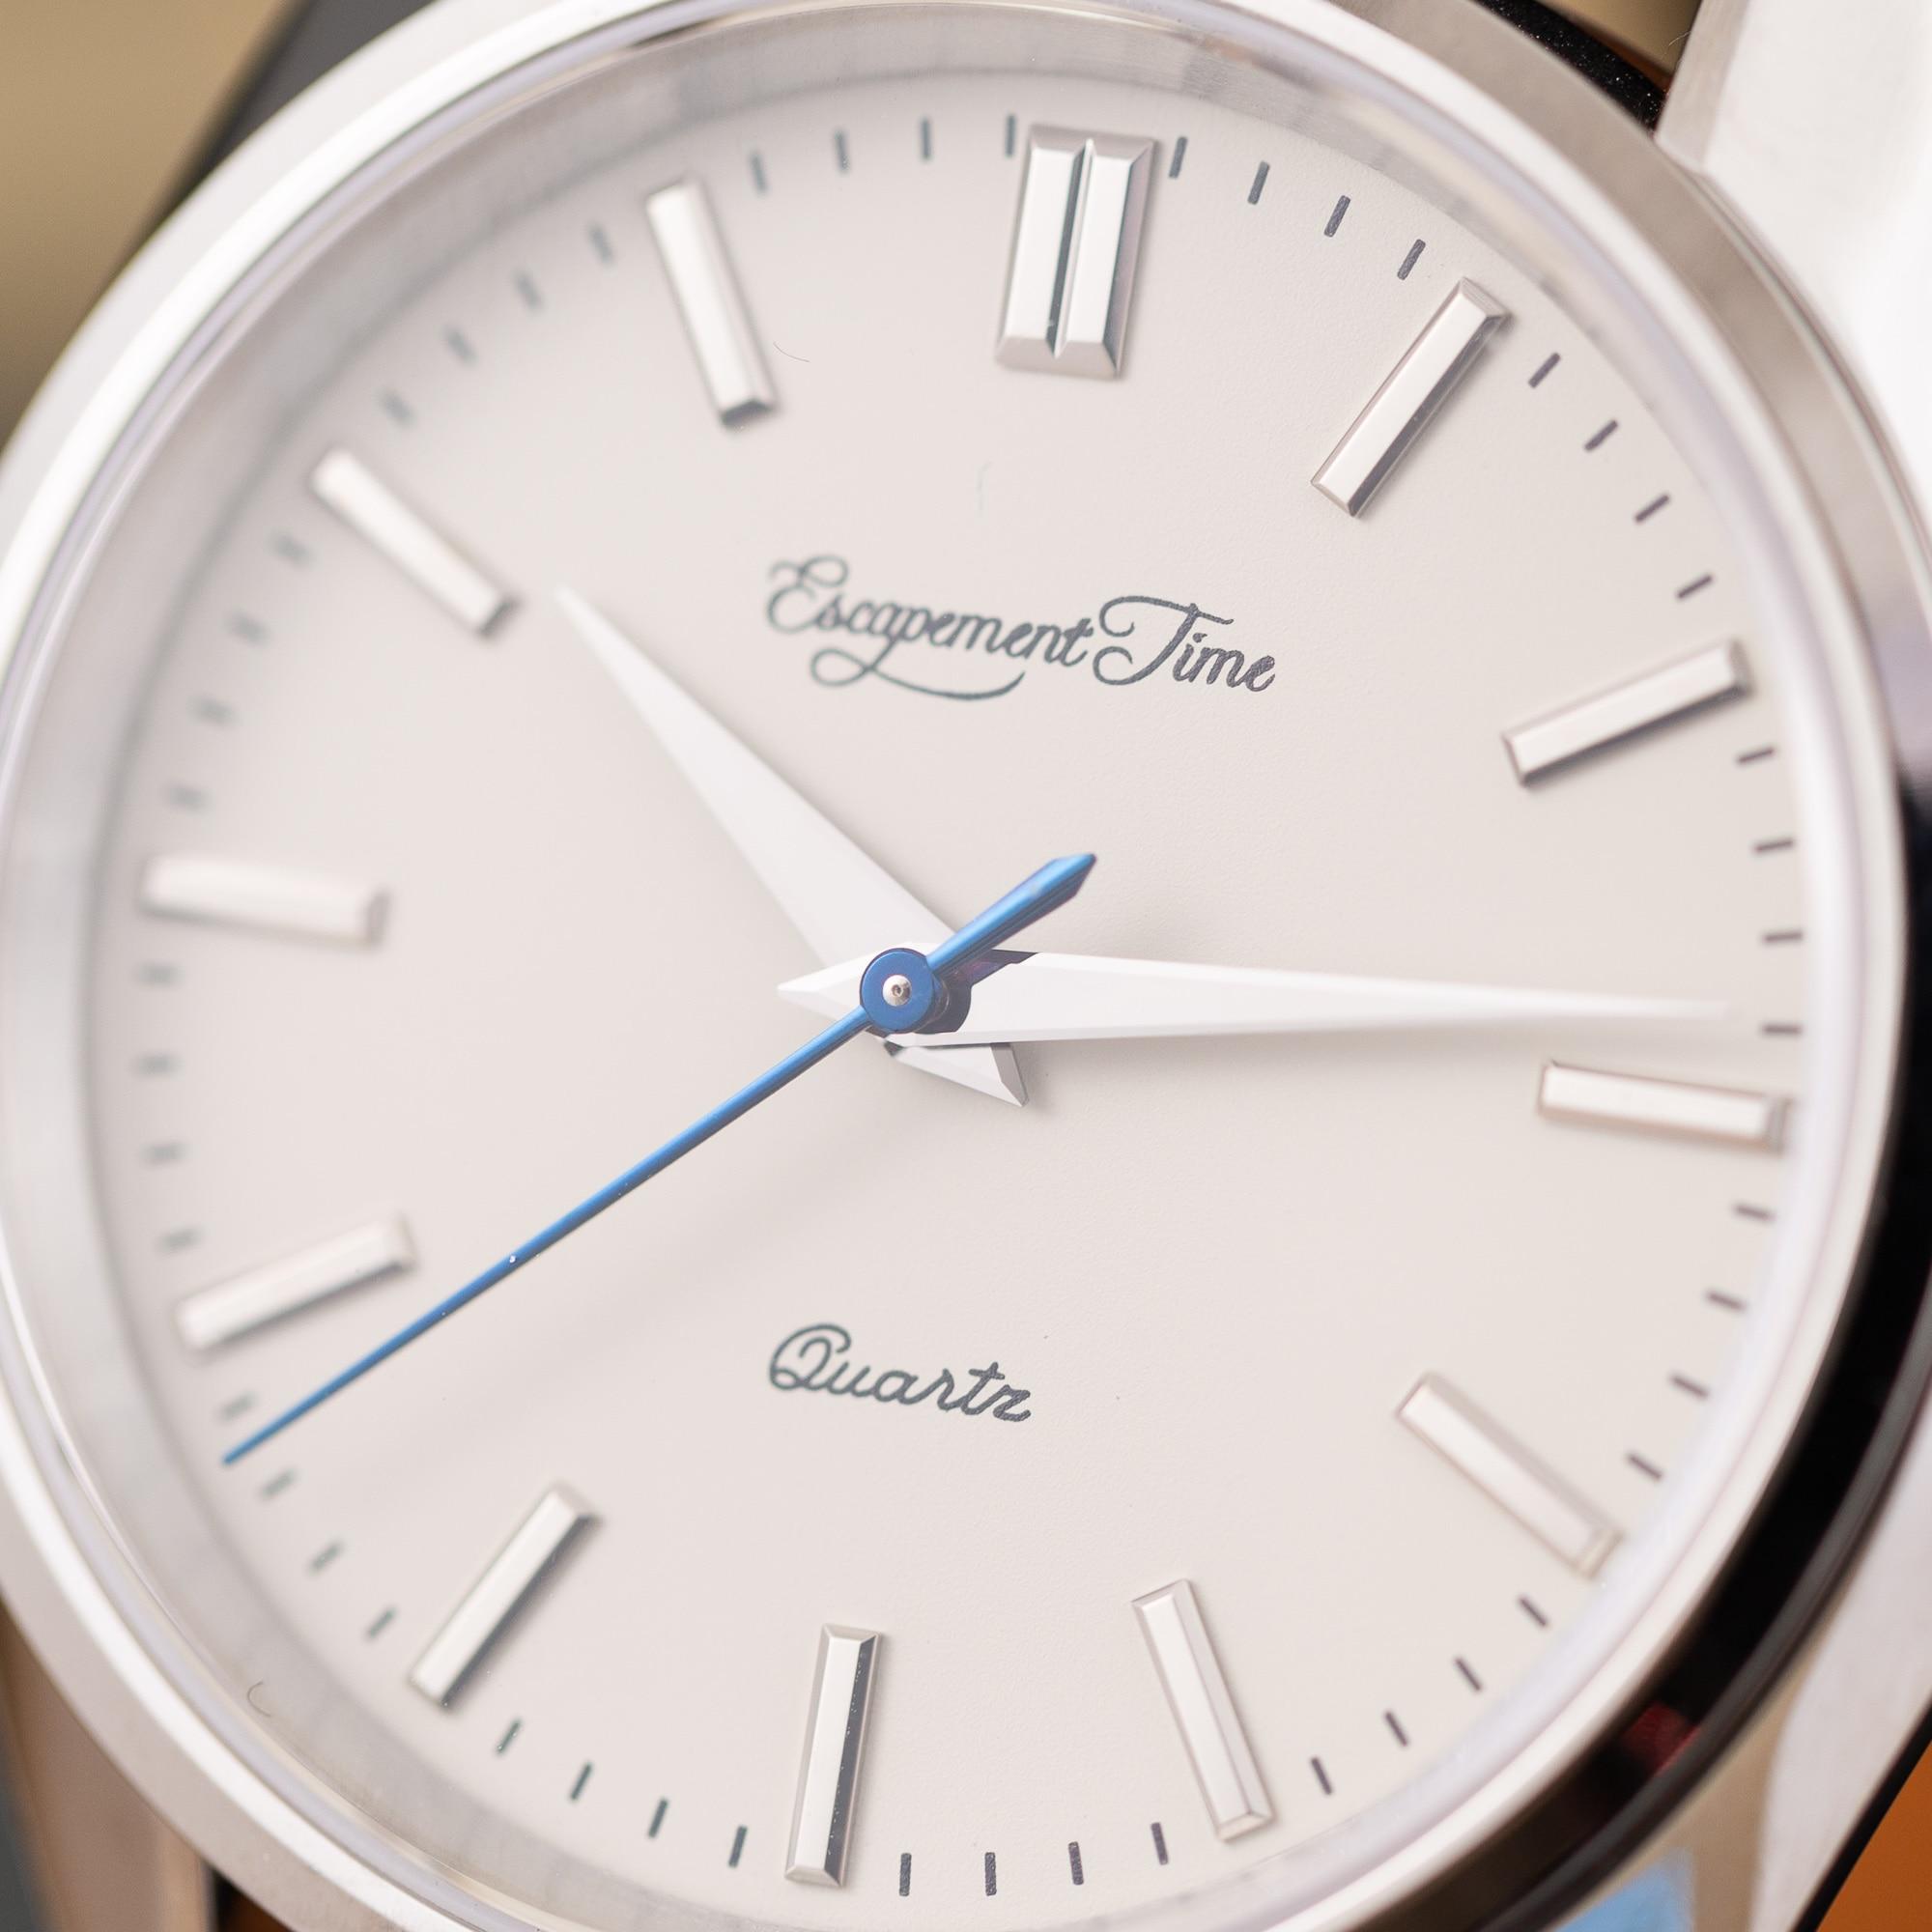 【Escapement time】Quartz Watch 40mm Case VH31  Heat Treatment Hand 2